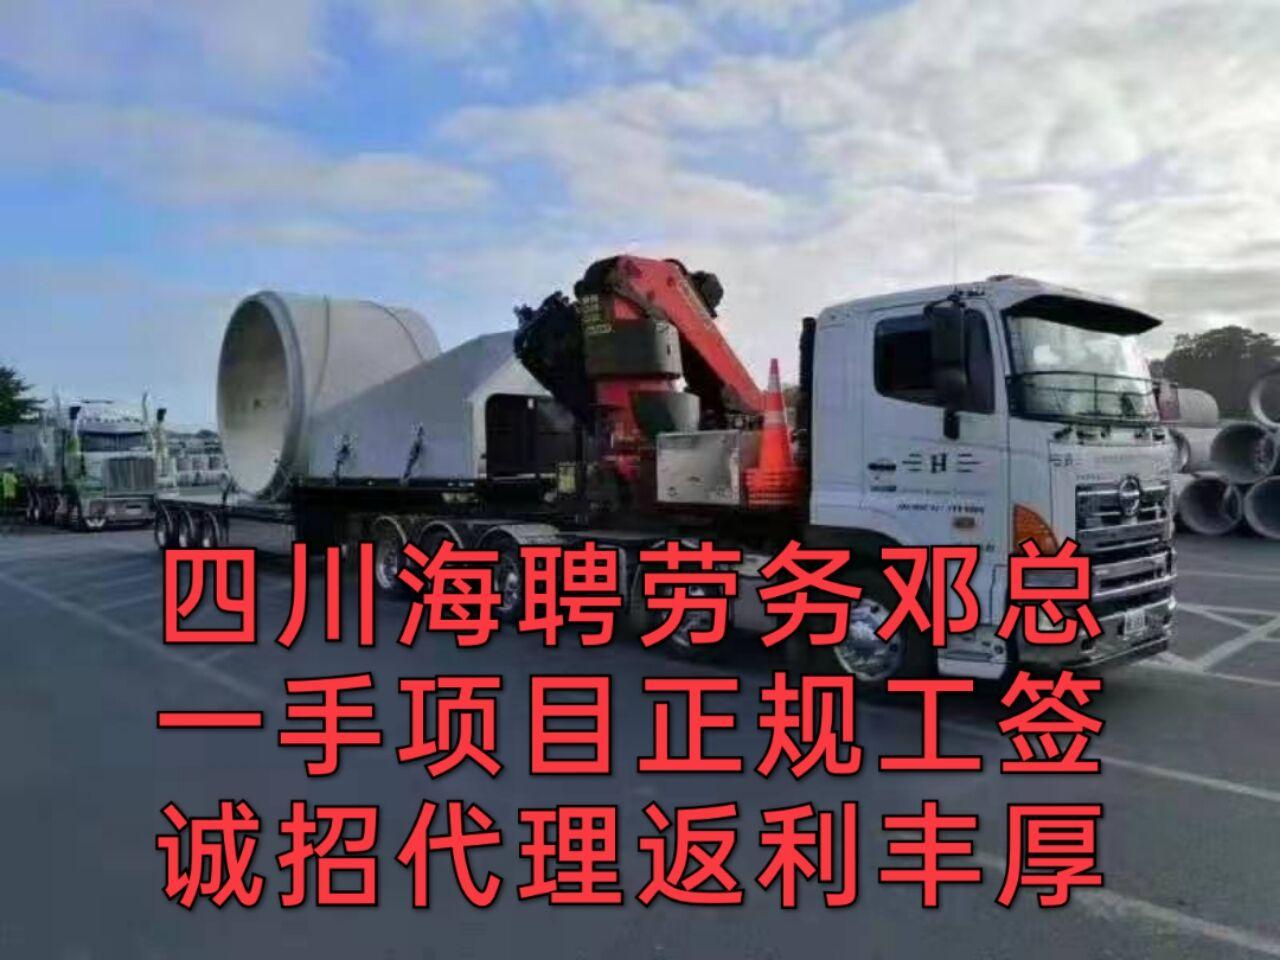 朝陽市出國打工日本農業工程車貨運司機安全《四川海聘勞務》